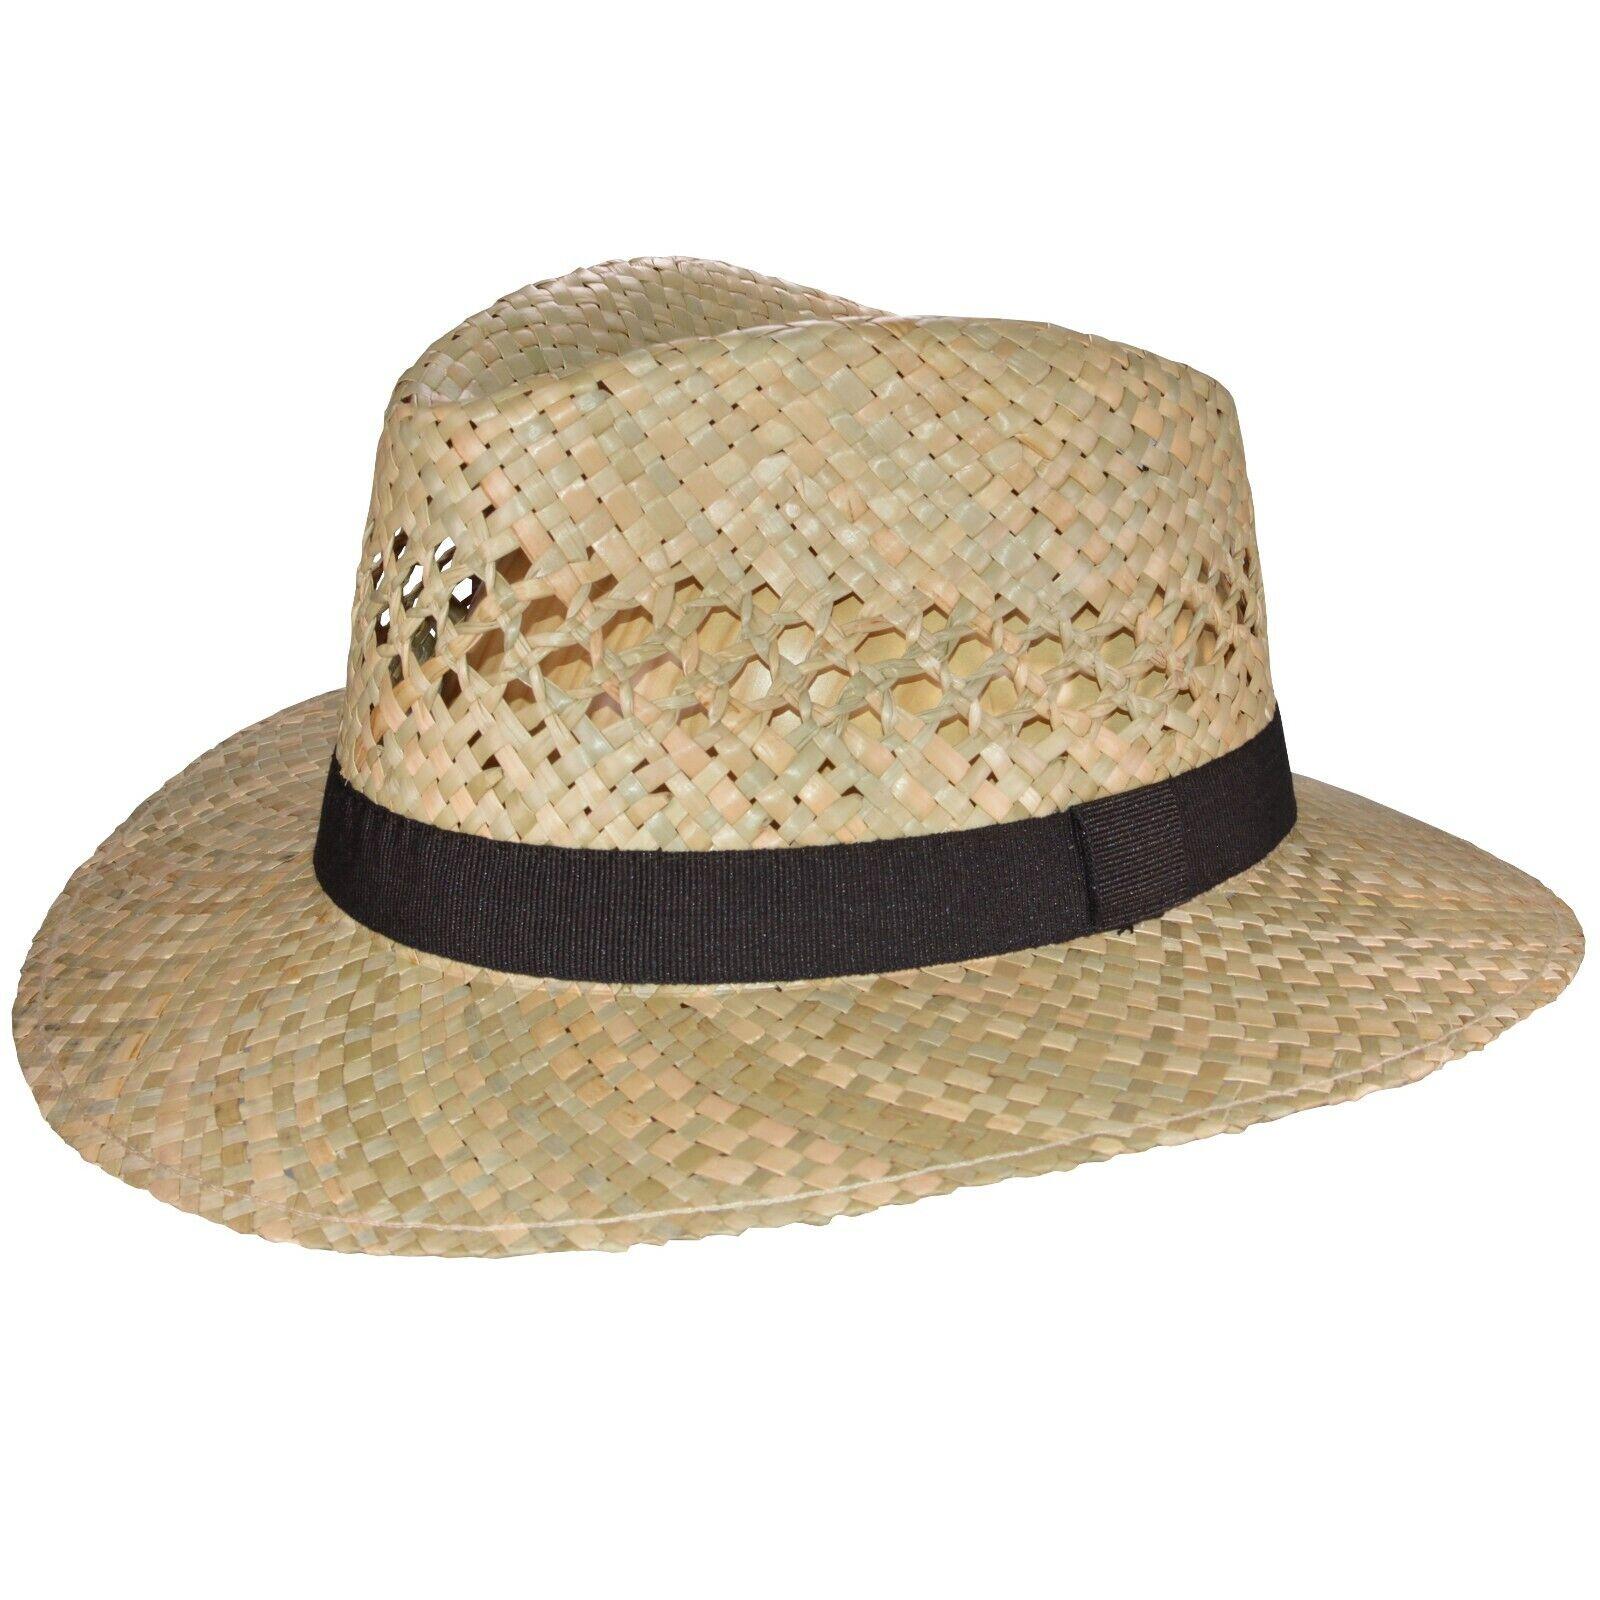 Straw Hat gartenhut Summer Hat Summer Hat Sun Hat Hats Traveller Panama Hat